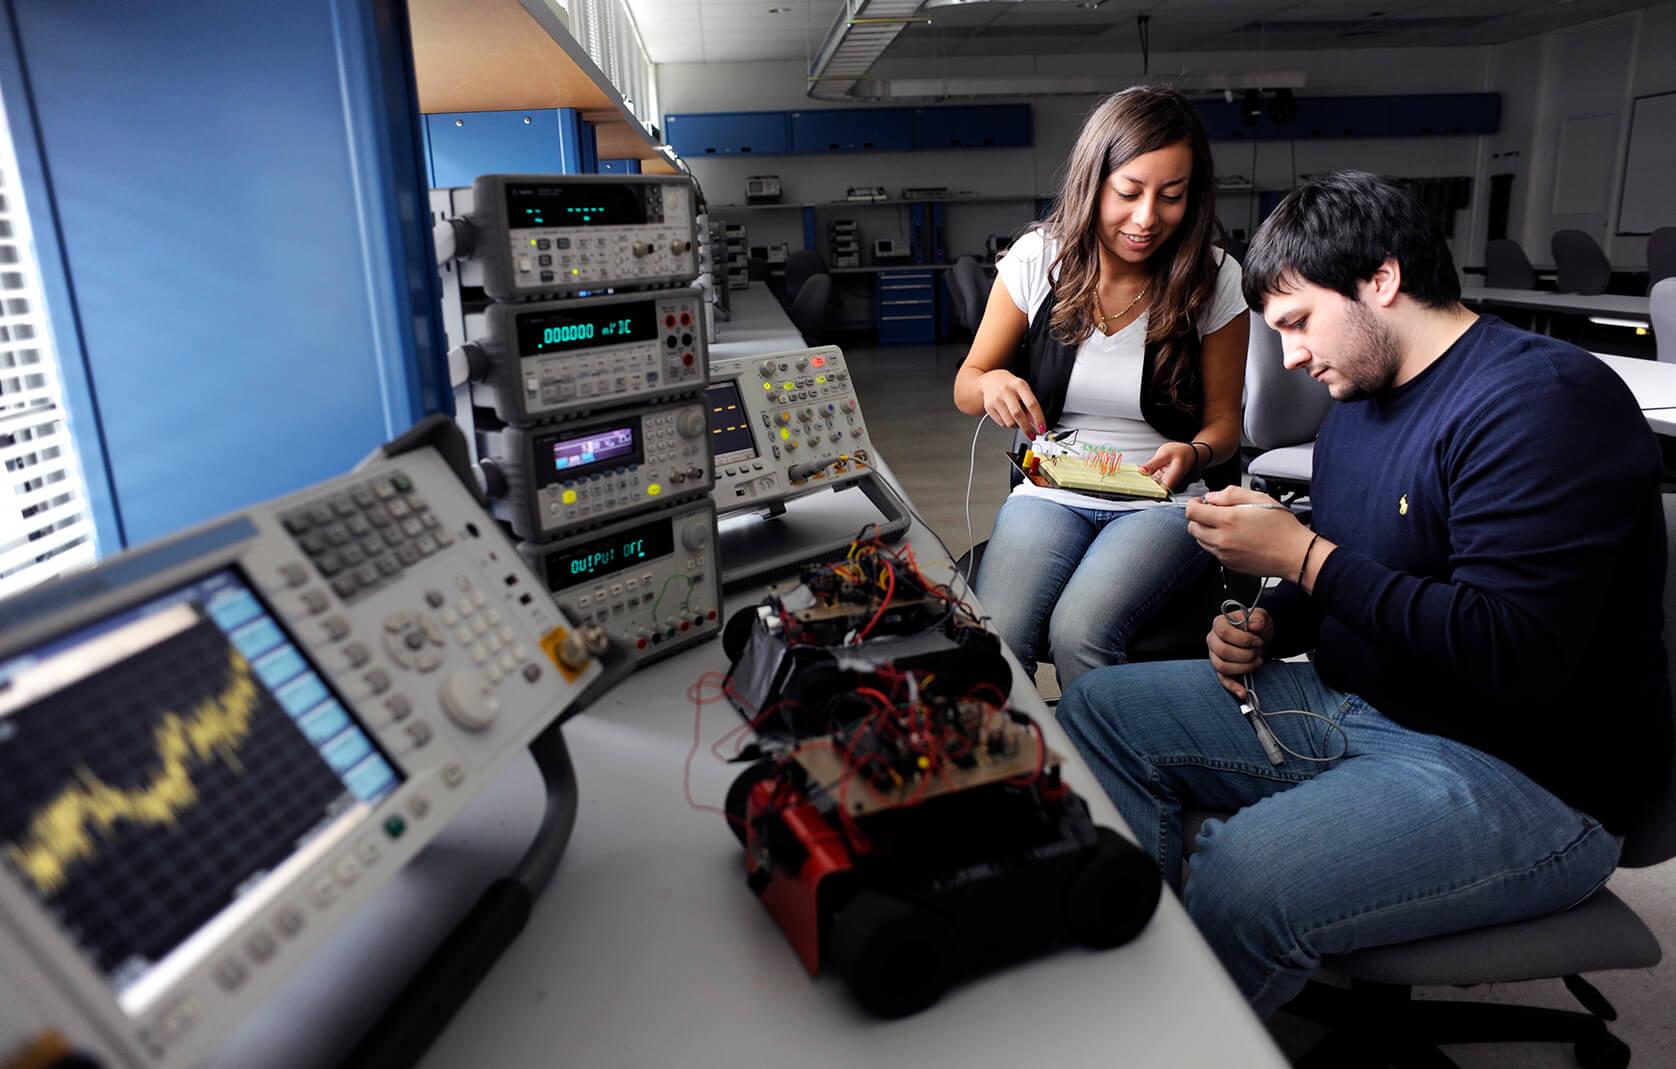 Western Carolina University Engineering Technology